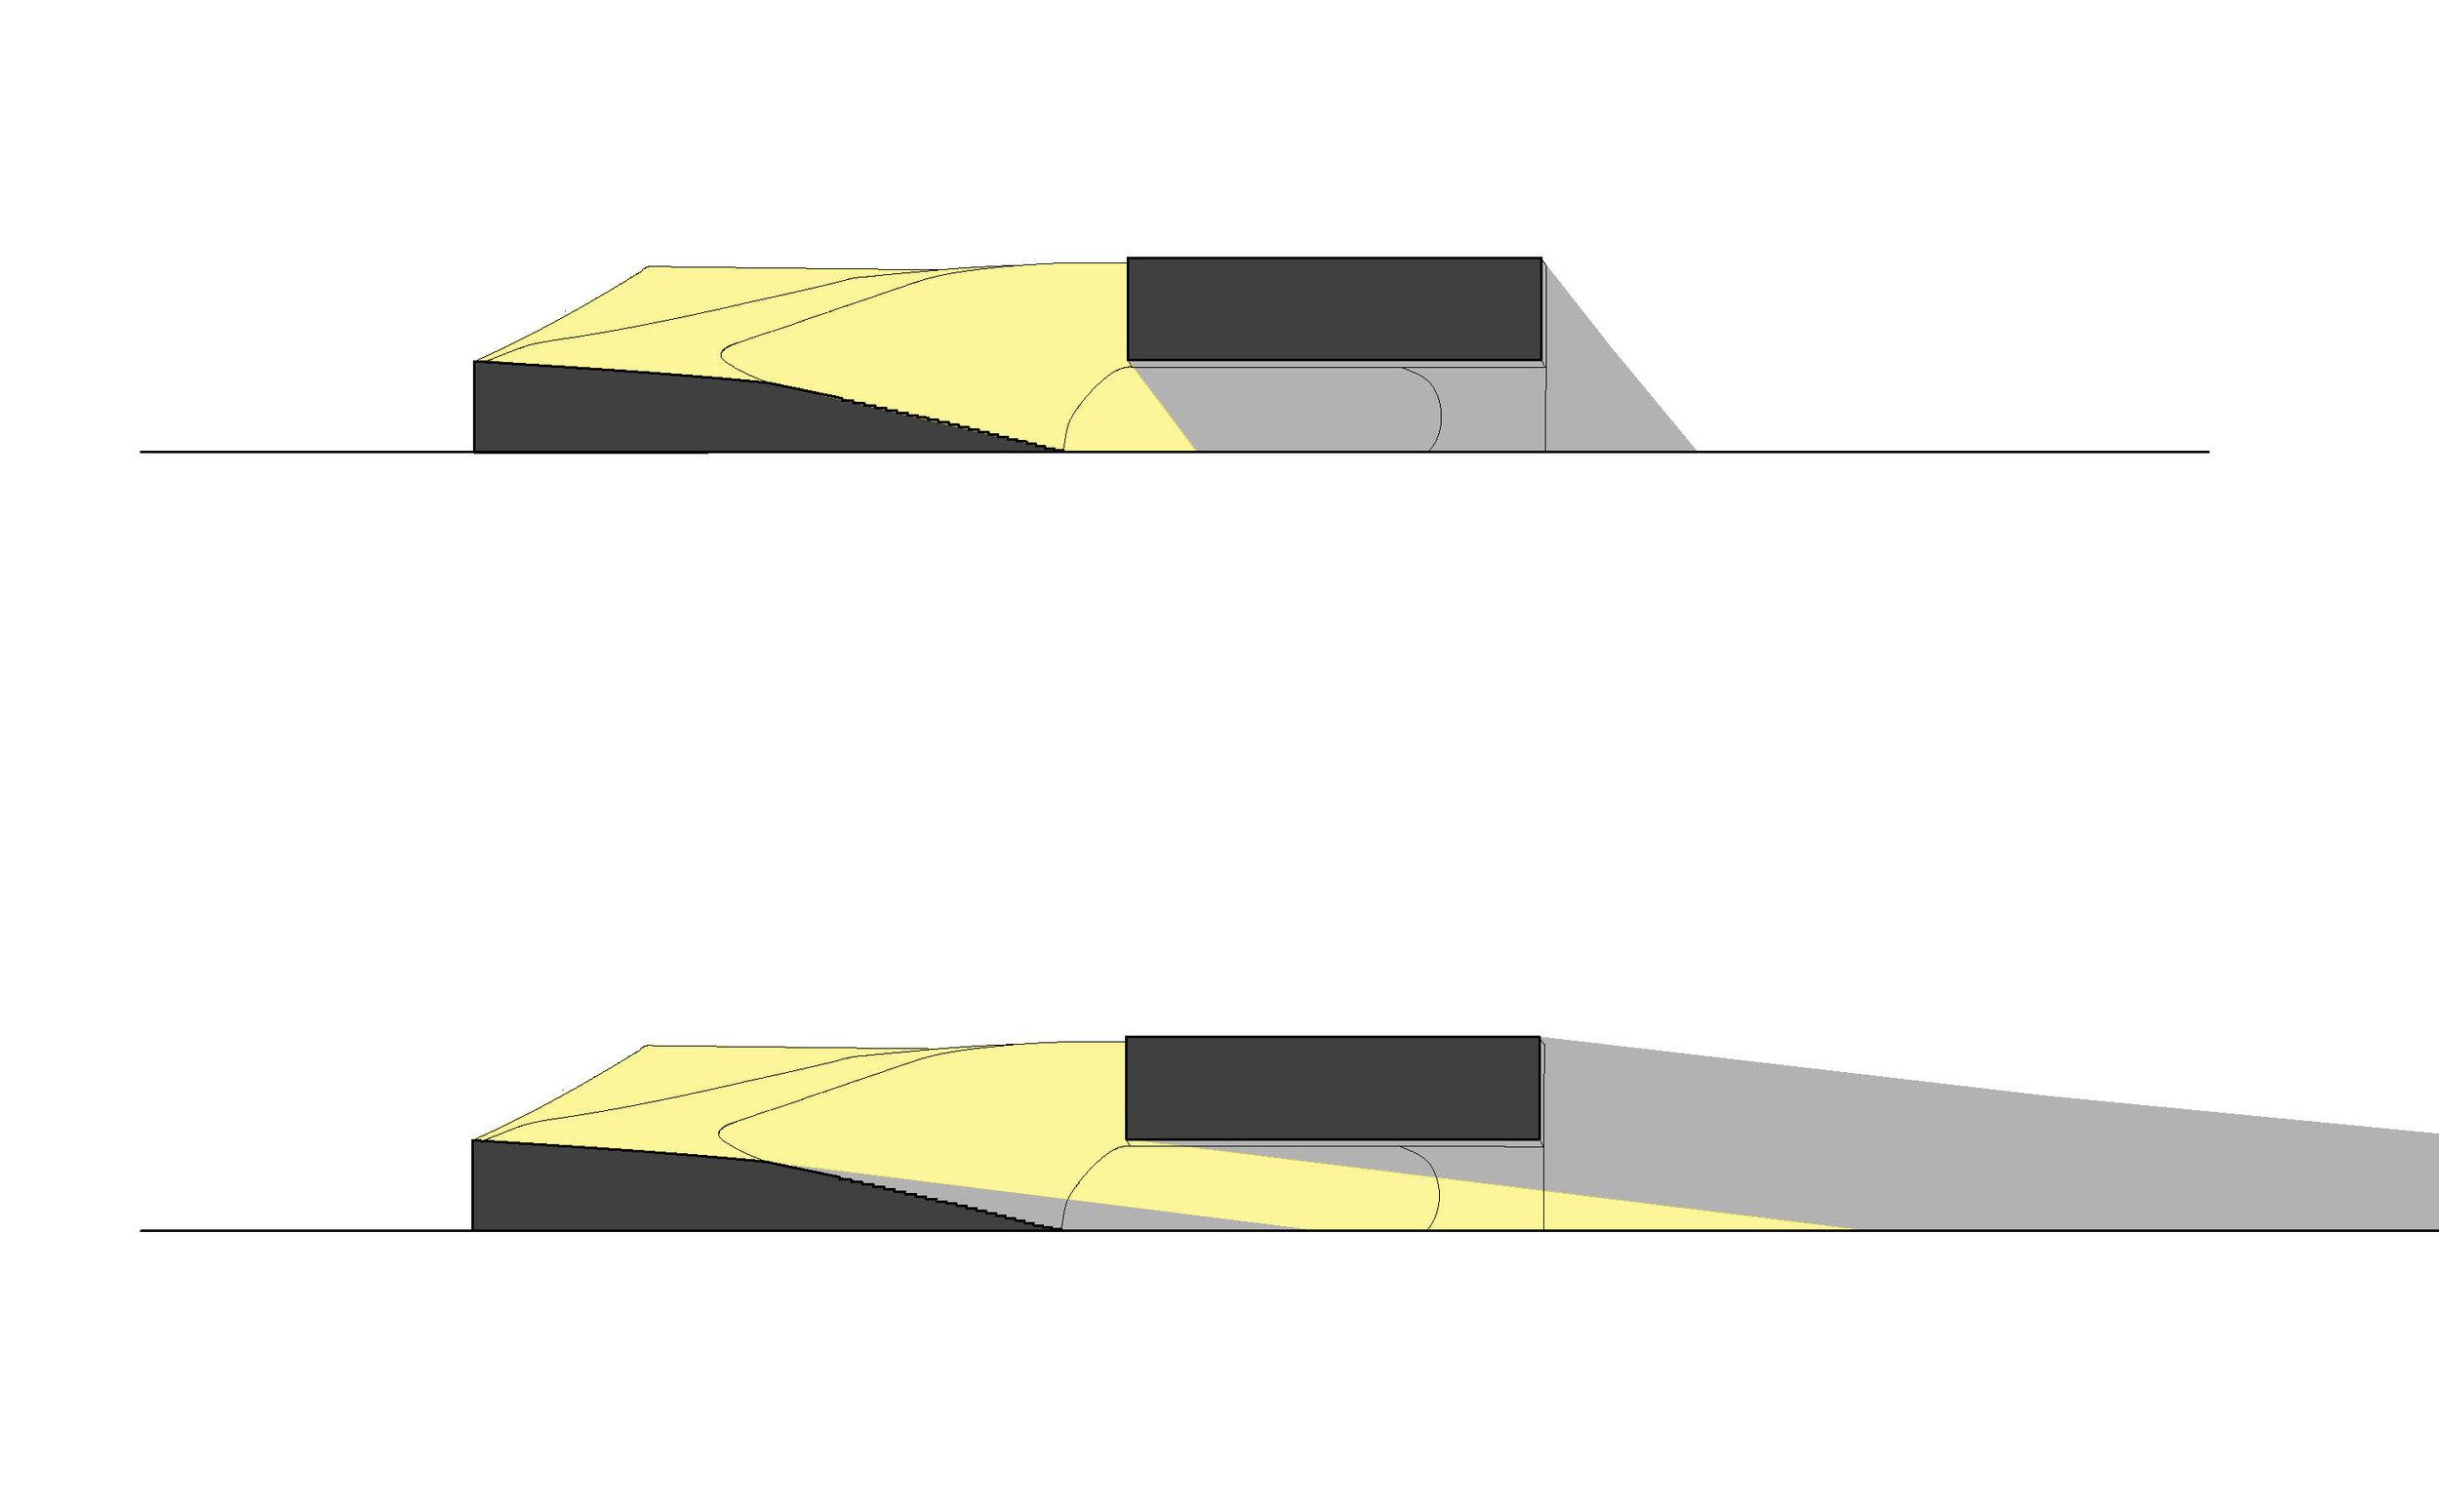 diagram_sun.jpg